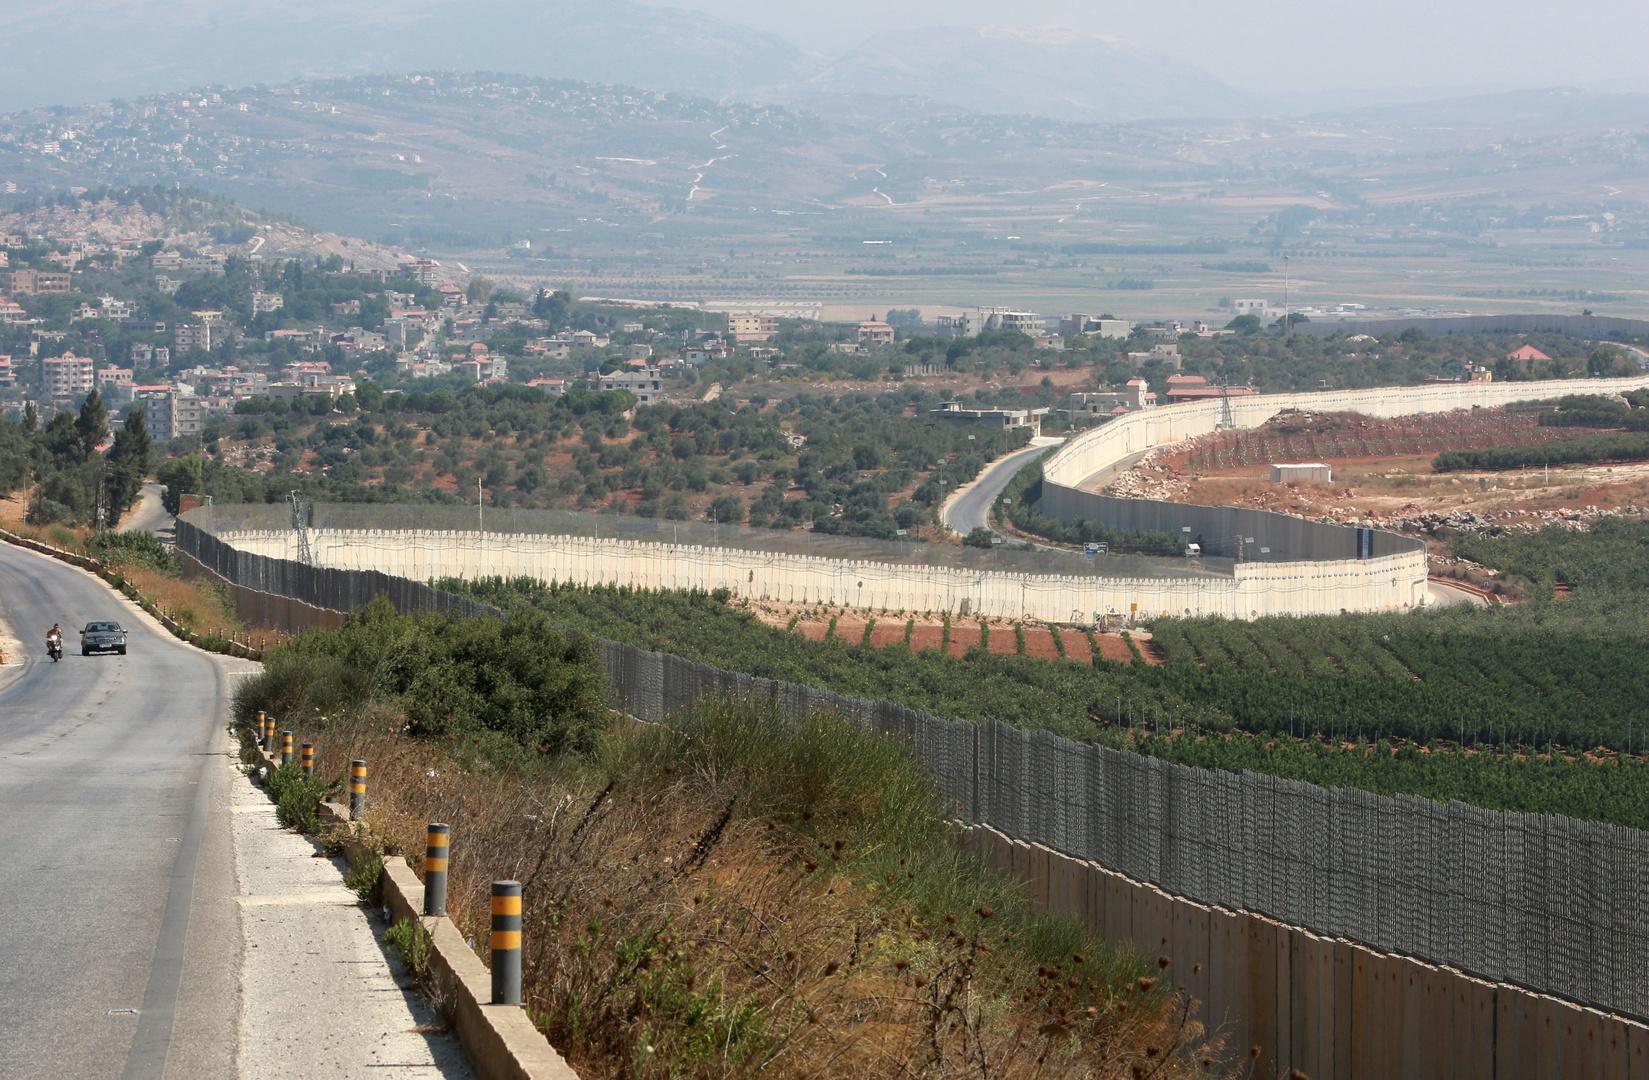 صحيفة: واشنطن تعين إسرائيليا للتفاوض حول ترسيم الحدود البحرية بين لبنان وإسرائيل